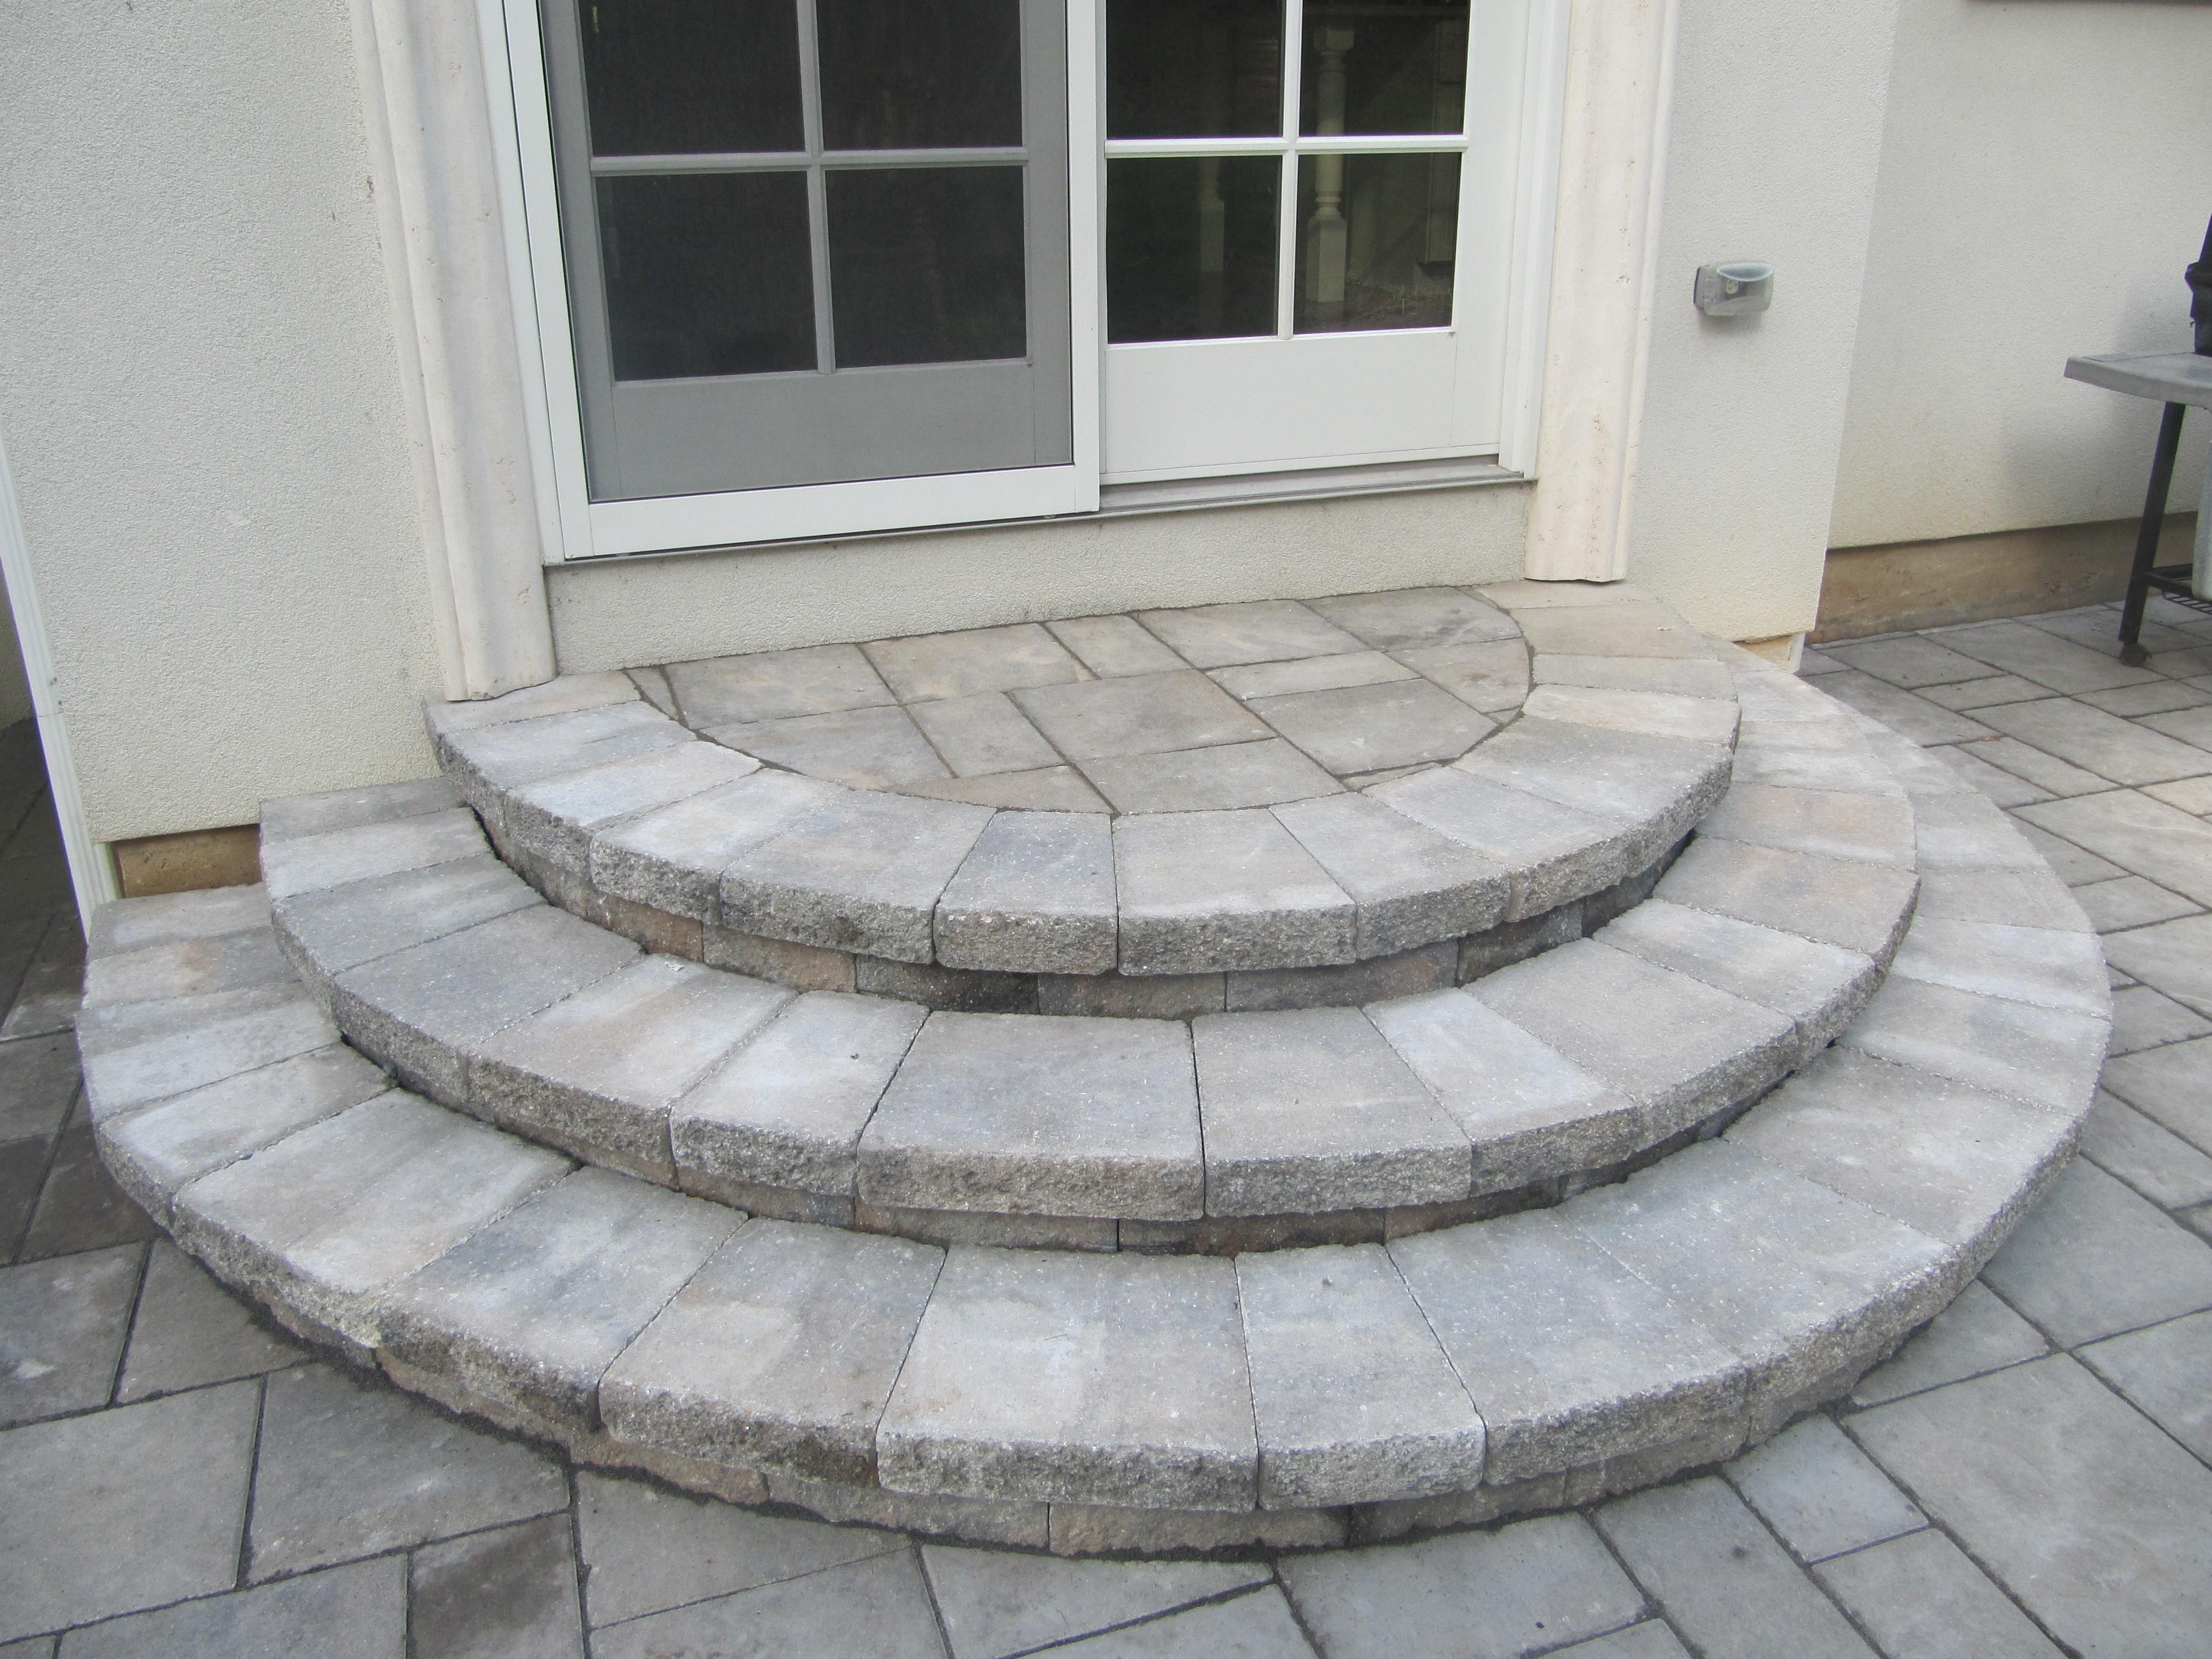 paver stone steps